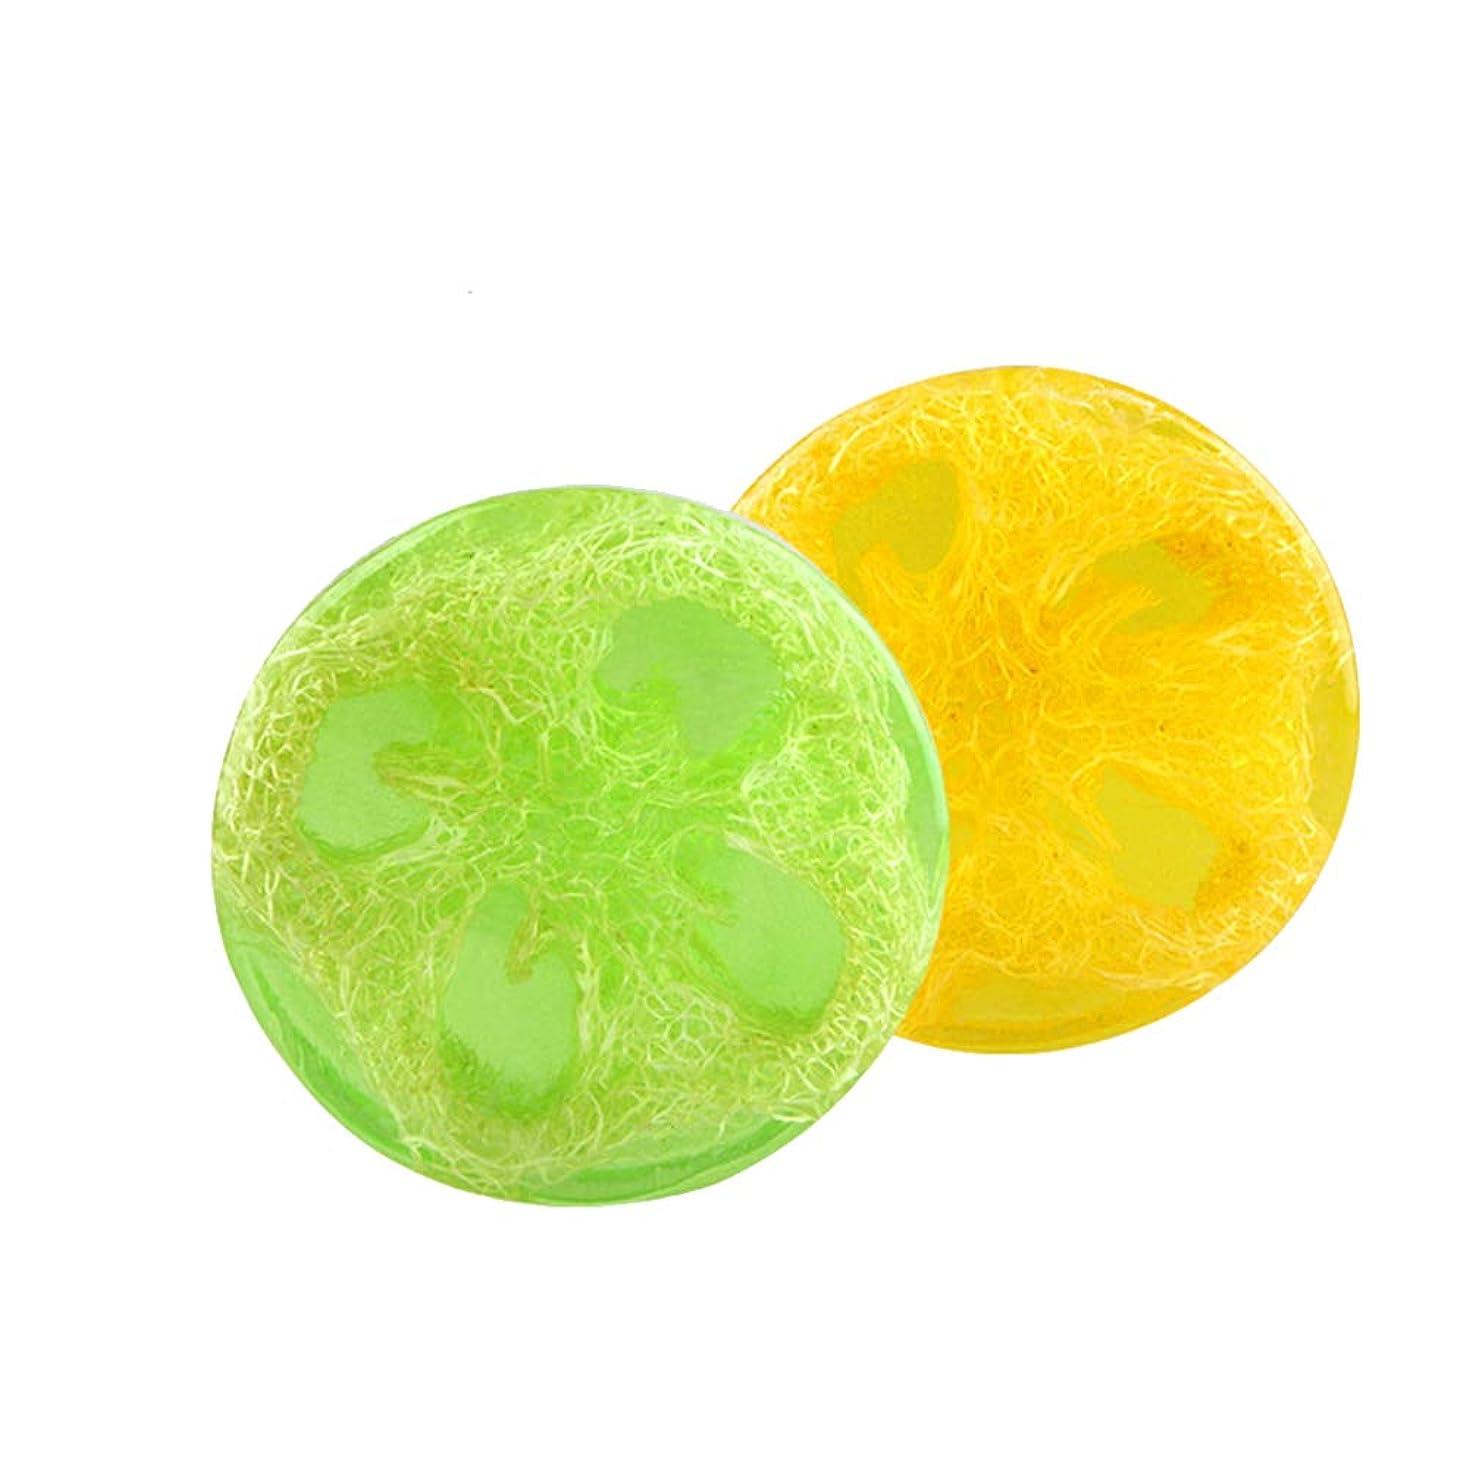 採用するシャワー大事にするLurrose ハンドメイドエッセンシャルオイルソープバーモイスチャライジングボディウォッシュソープ2個(アロエとレモン)